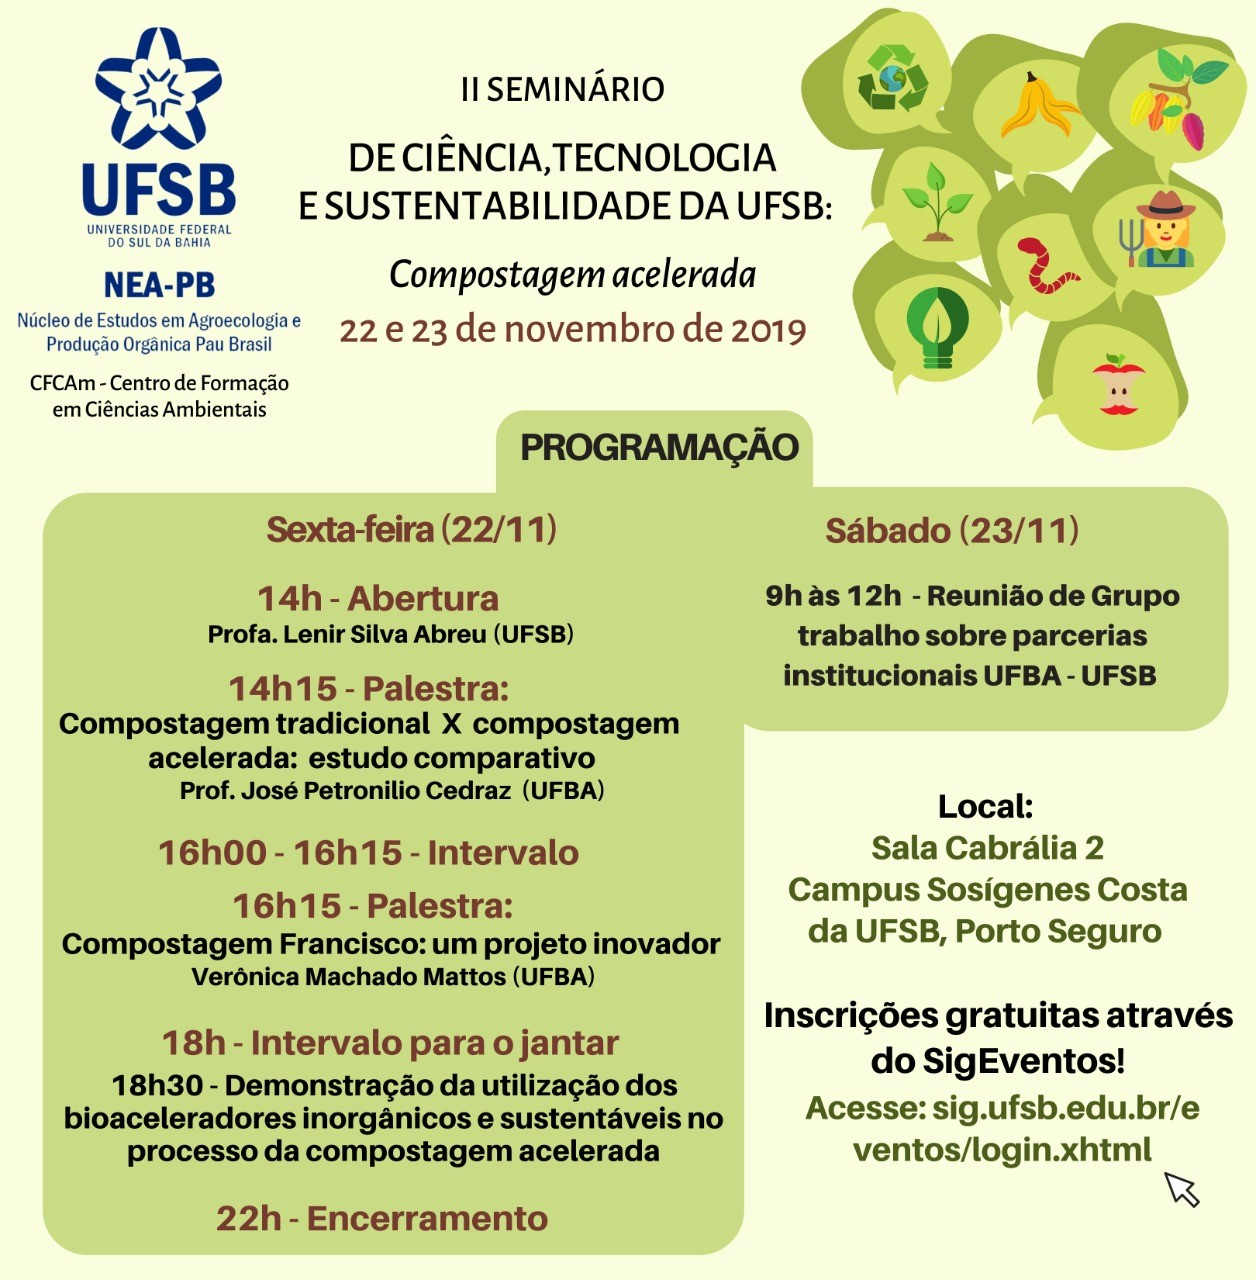 II SEMINÁRIO DE CIÊNCIA, TECNOLOGIA E SUSTENTABILIDADE: COMPOSTAGEM ACELERADA DA UFSB